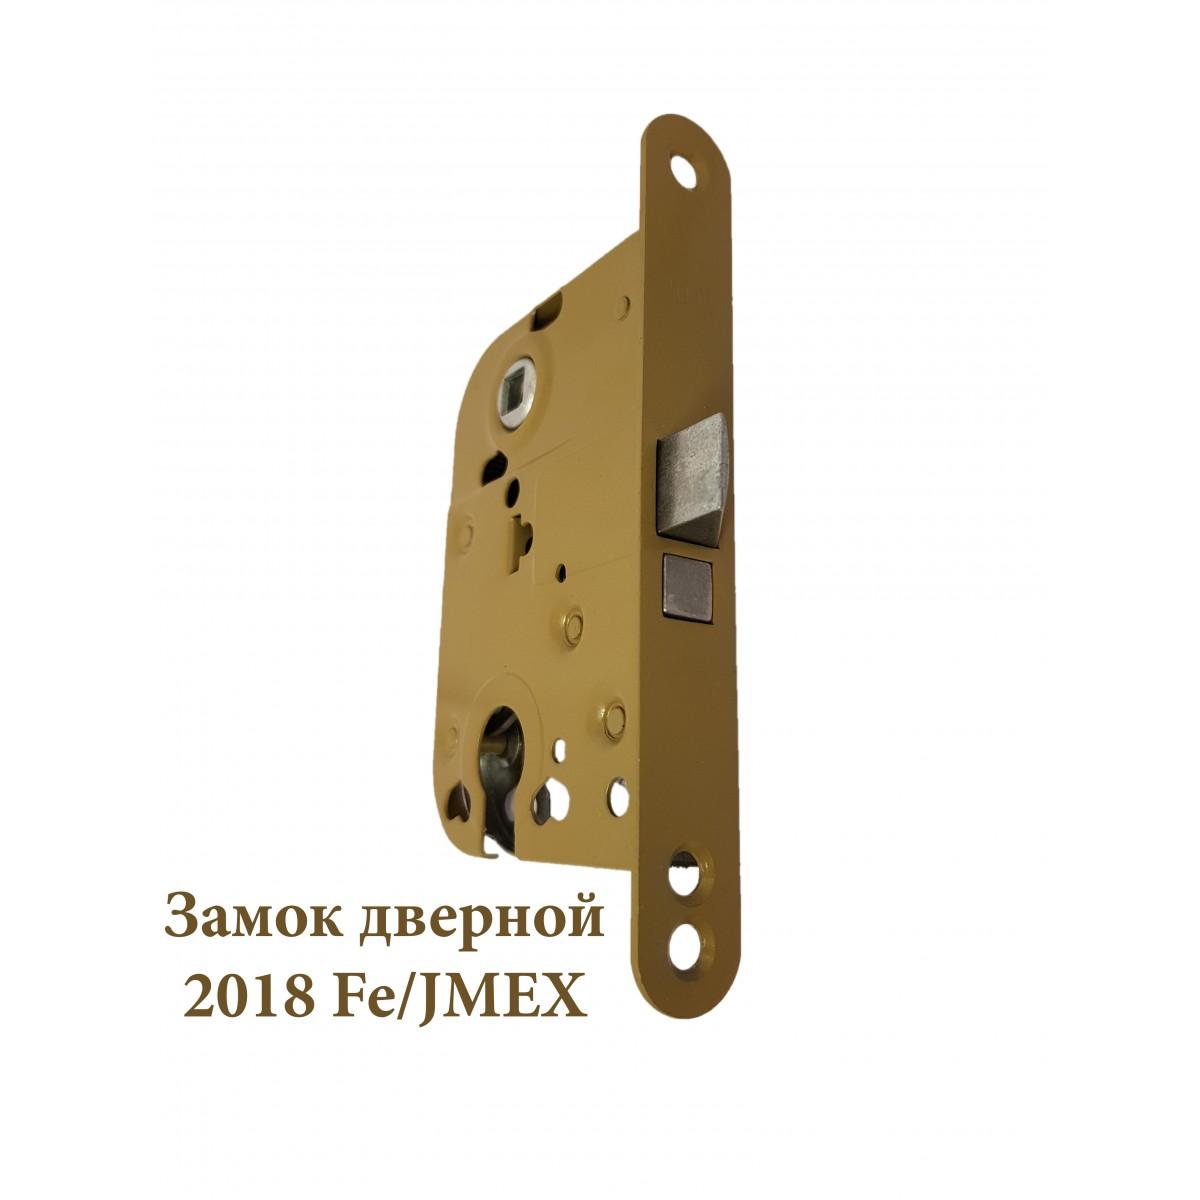 Замок дверной 2018 Fe/JMEX